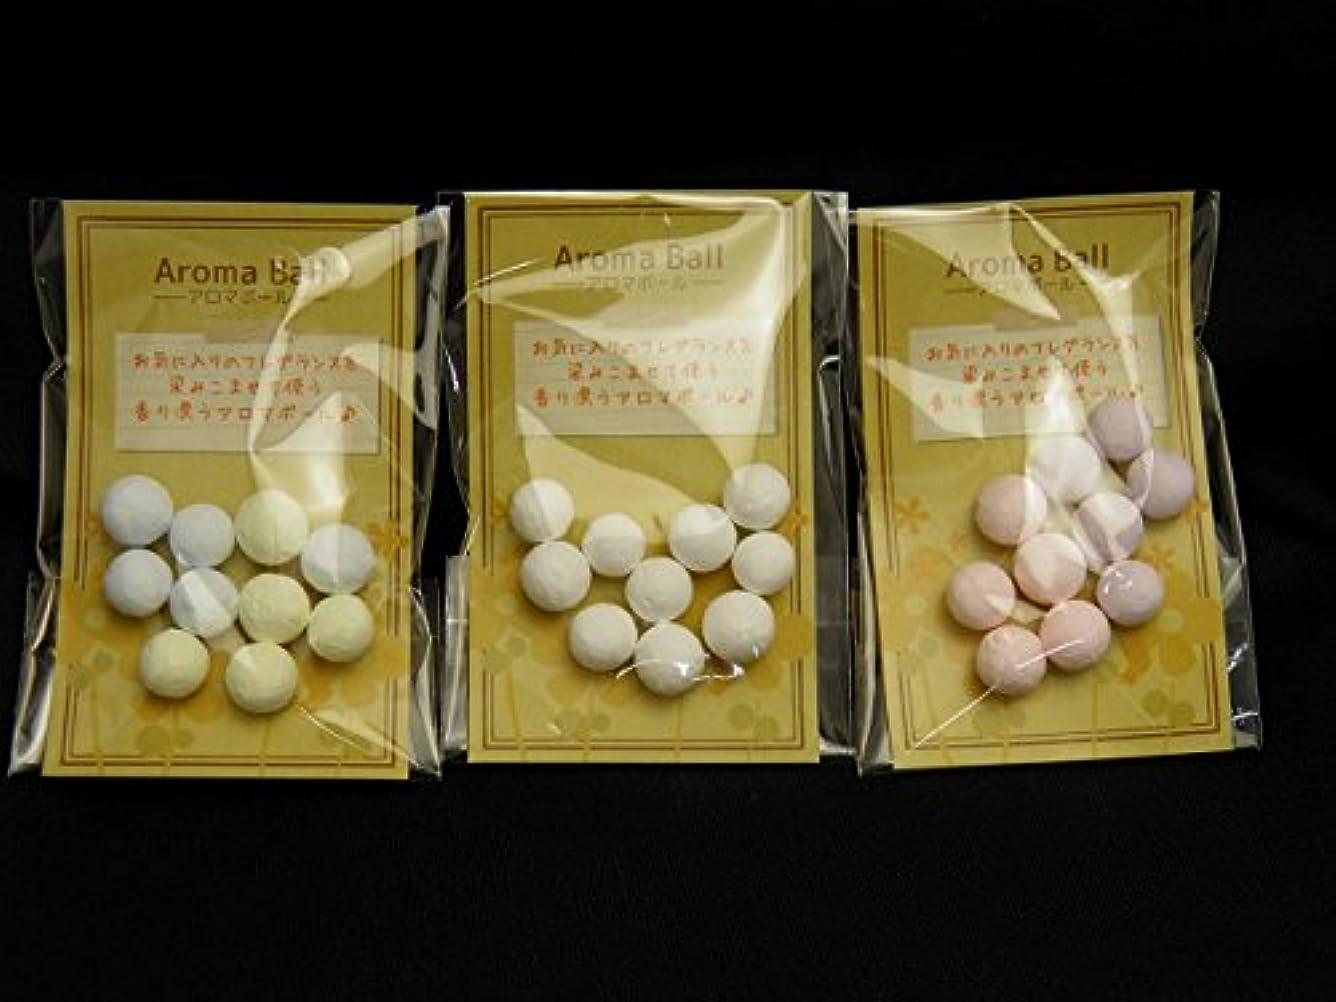 インチ干し草有料インペリアルオーラ 3種類 アロマボールレフィル 10粒入り(2色各5粒) ブルー/イエロー